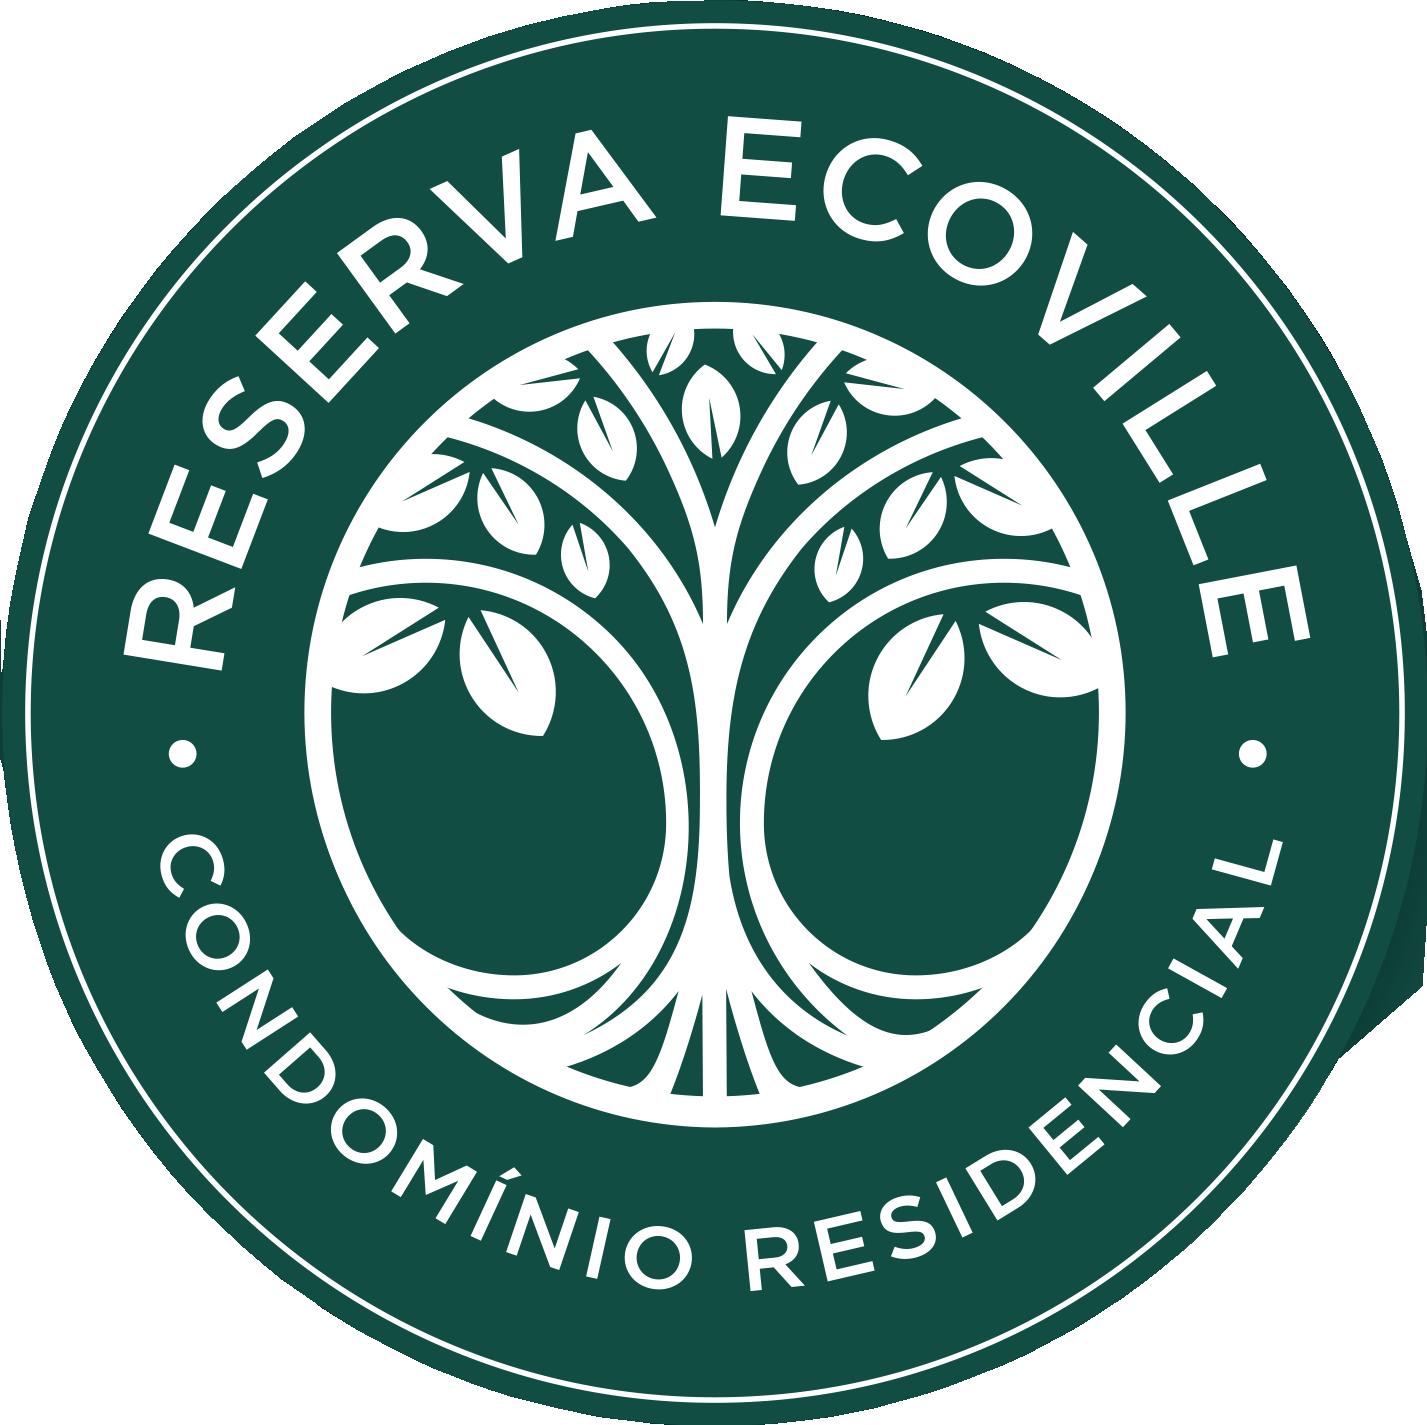 logo-reserva-ecoville